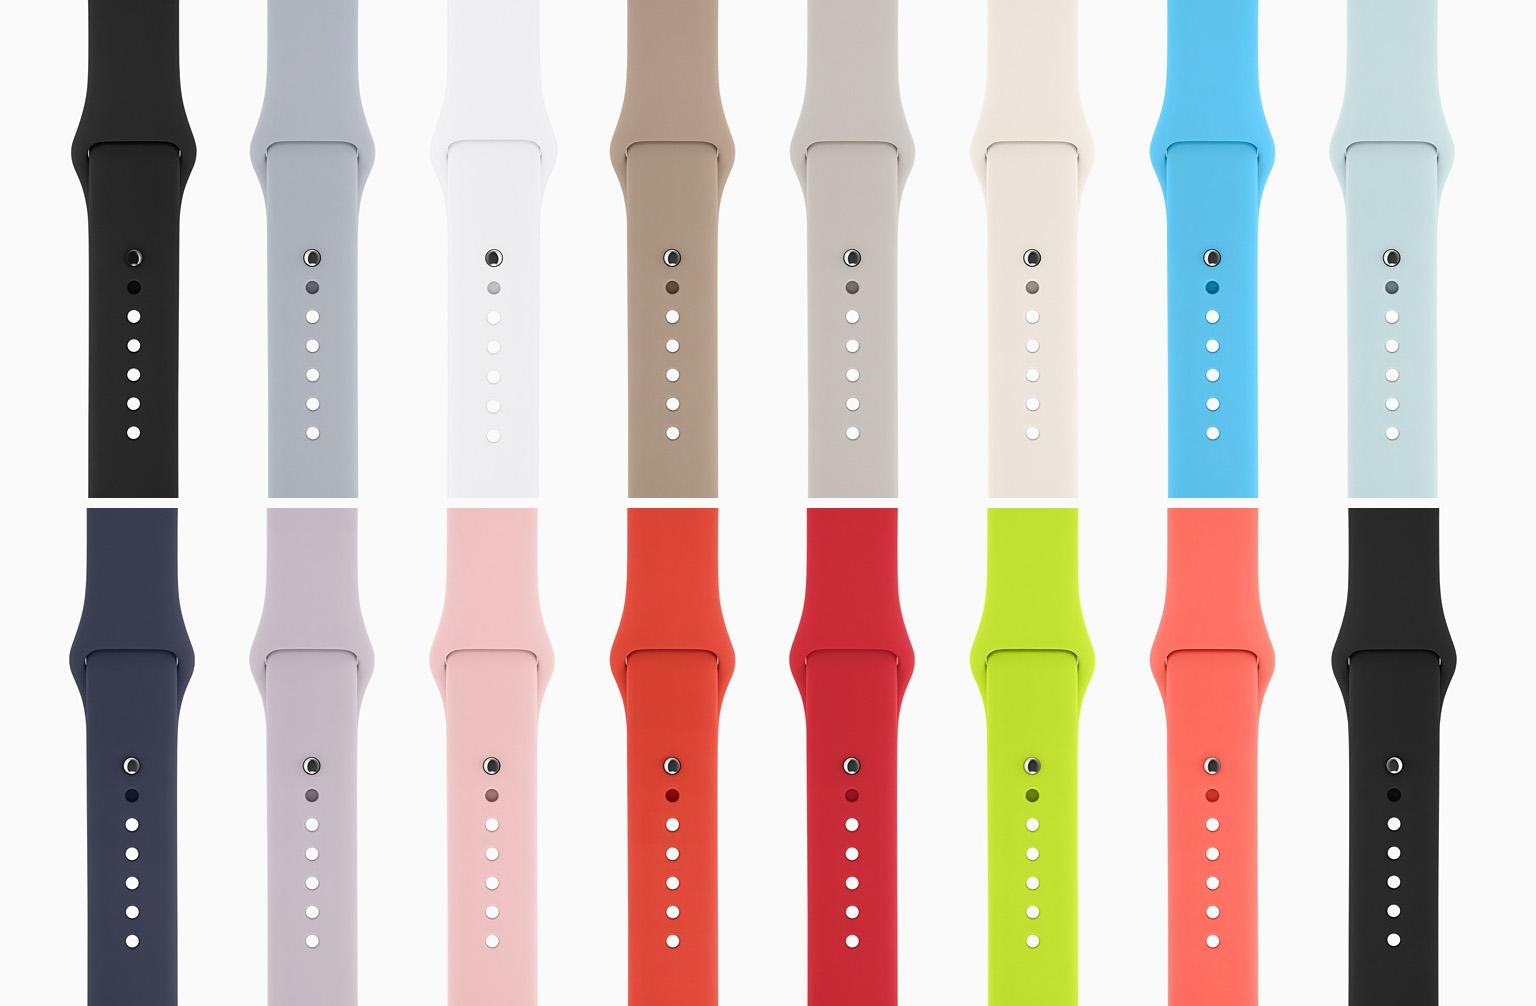 Покупать нужно только 3 ремешка для Apple Watch. Я попробовал